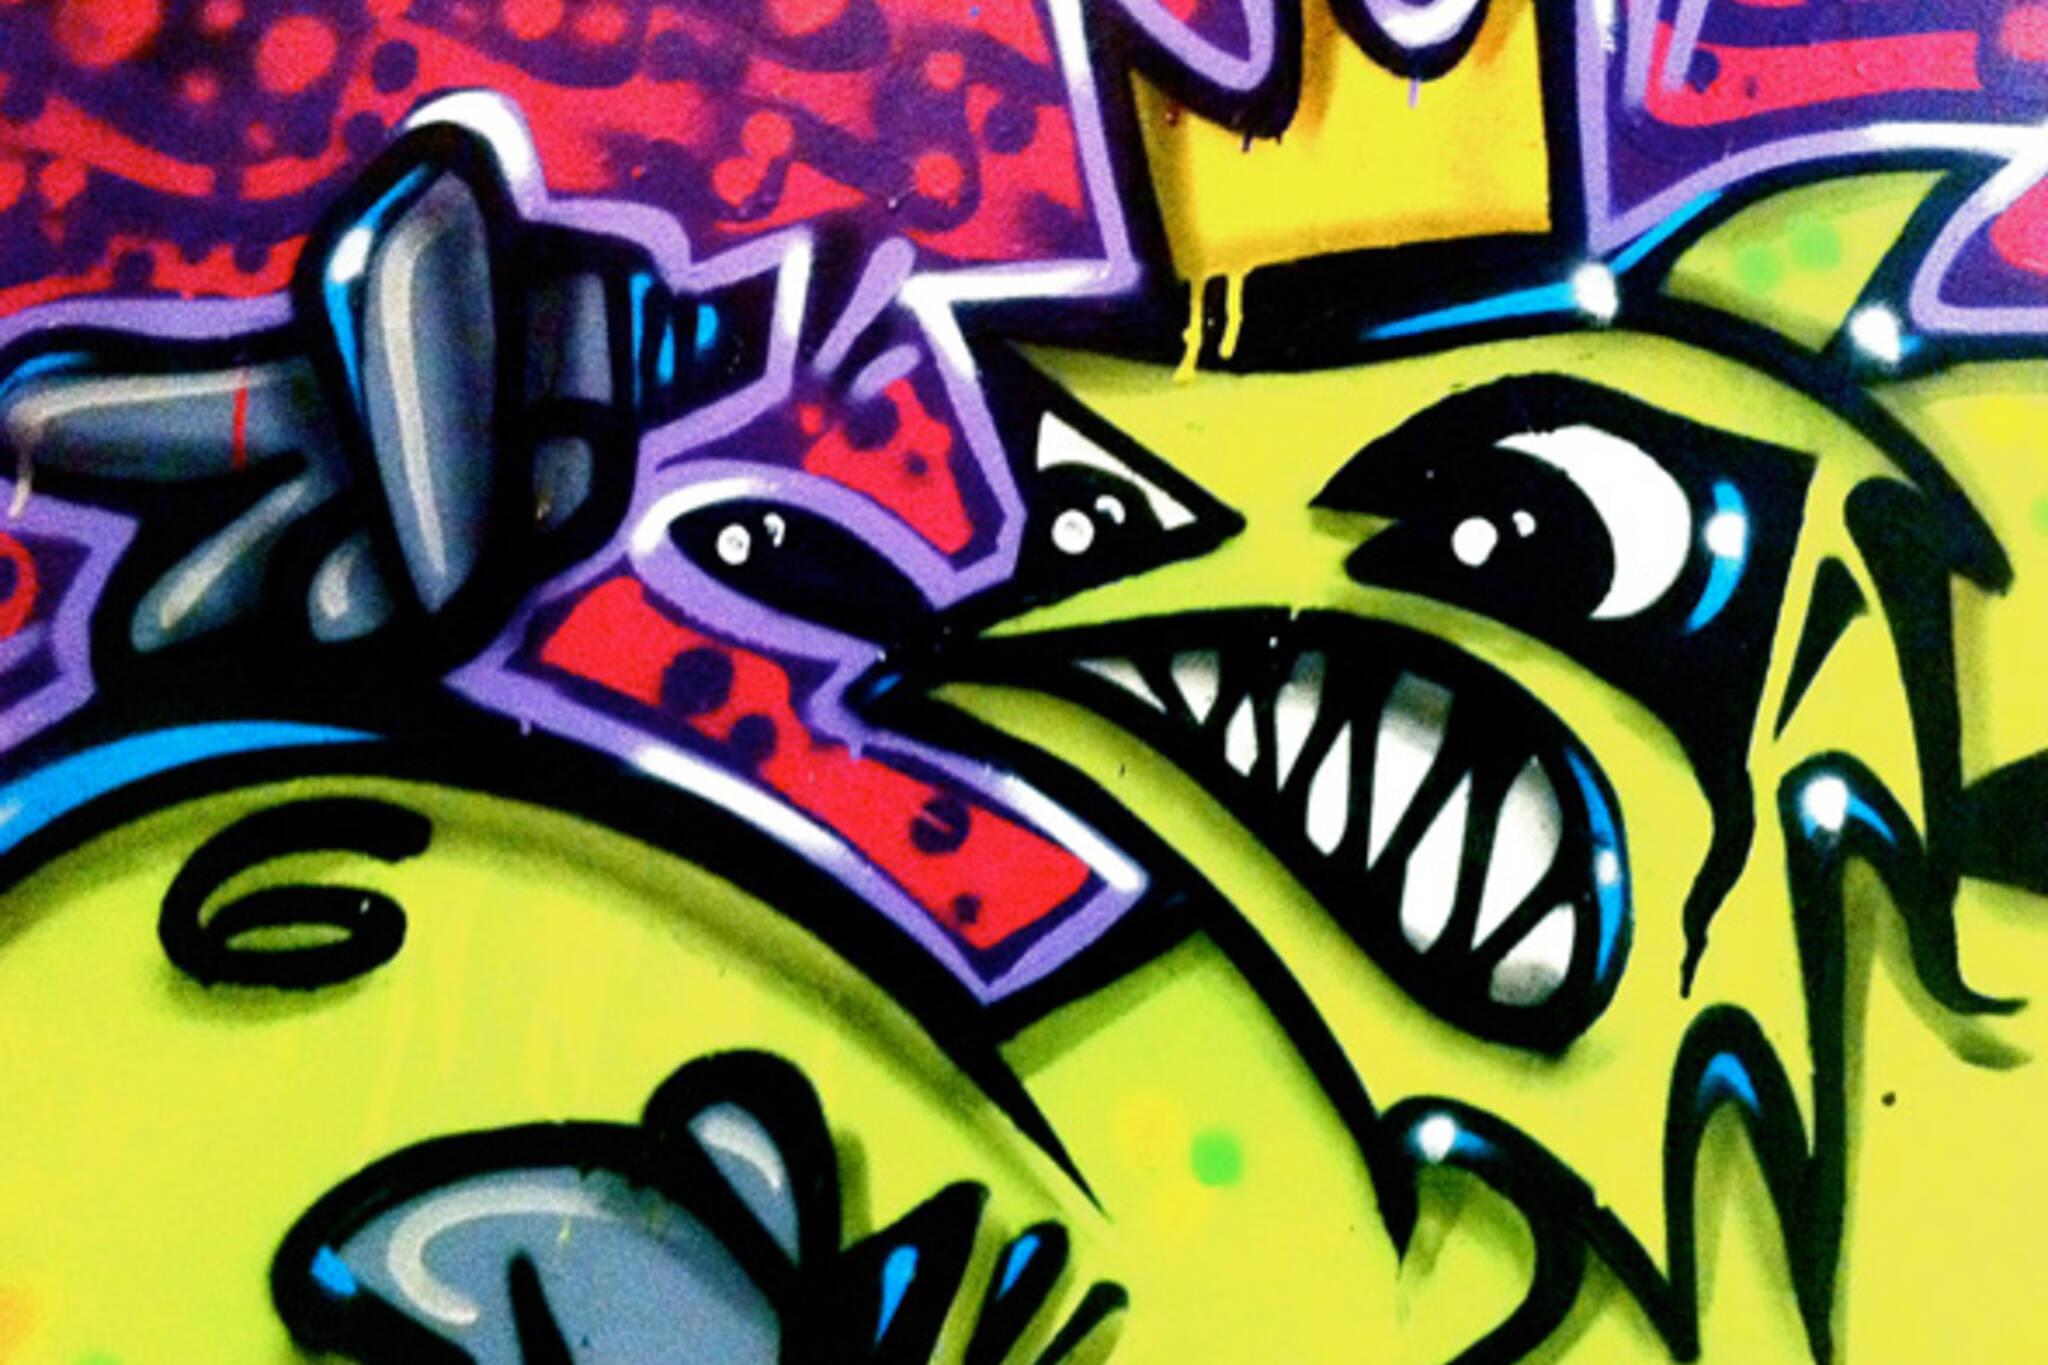 Kizmet Toronto Graffiti